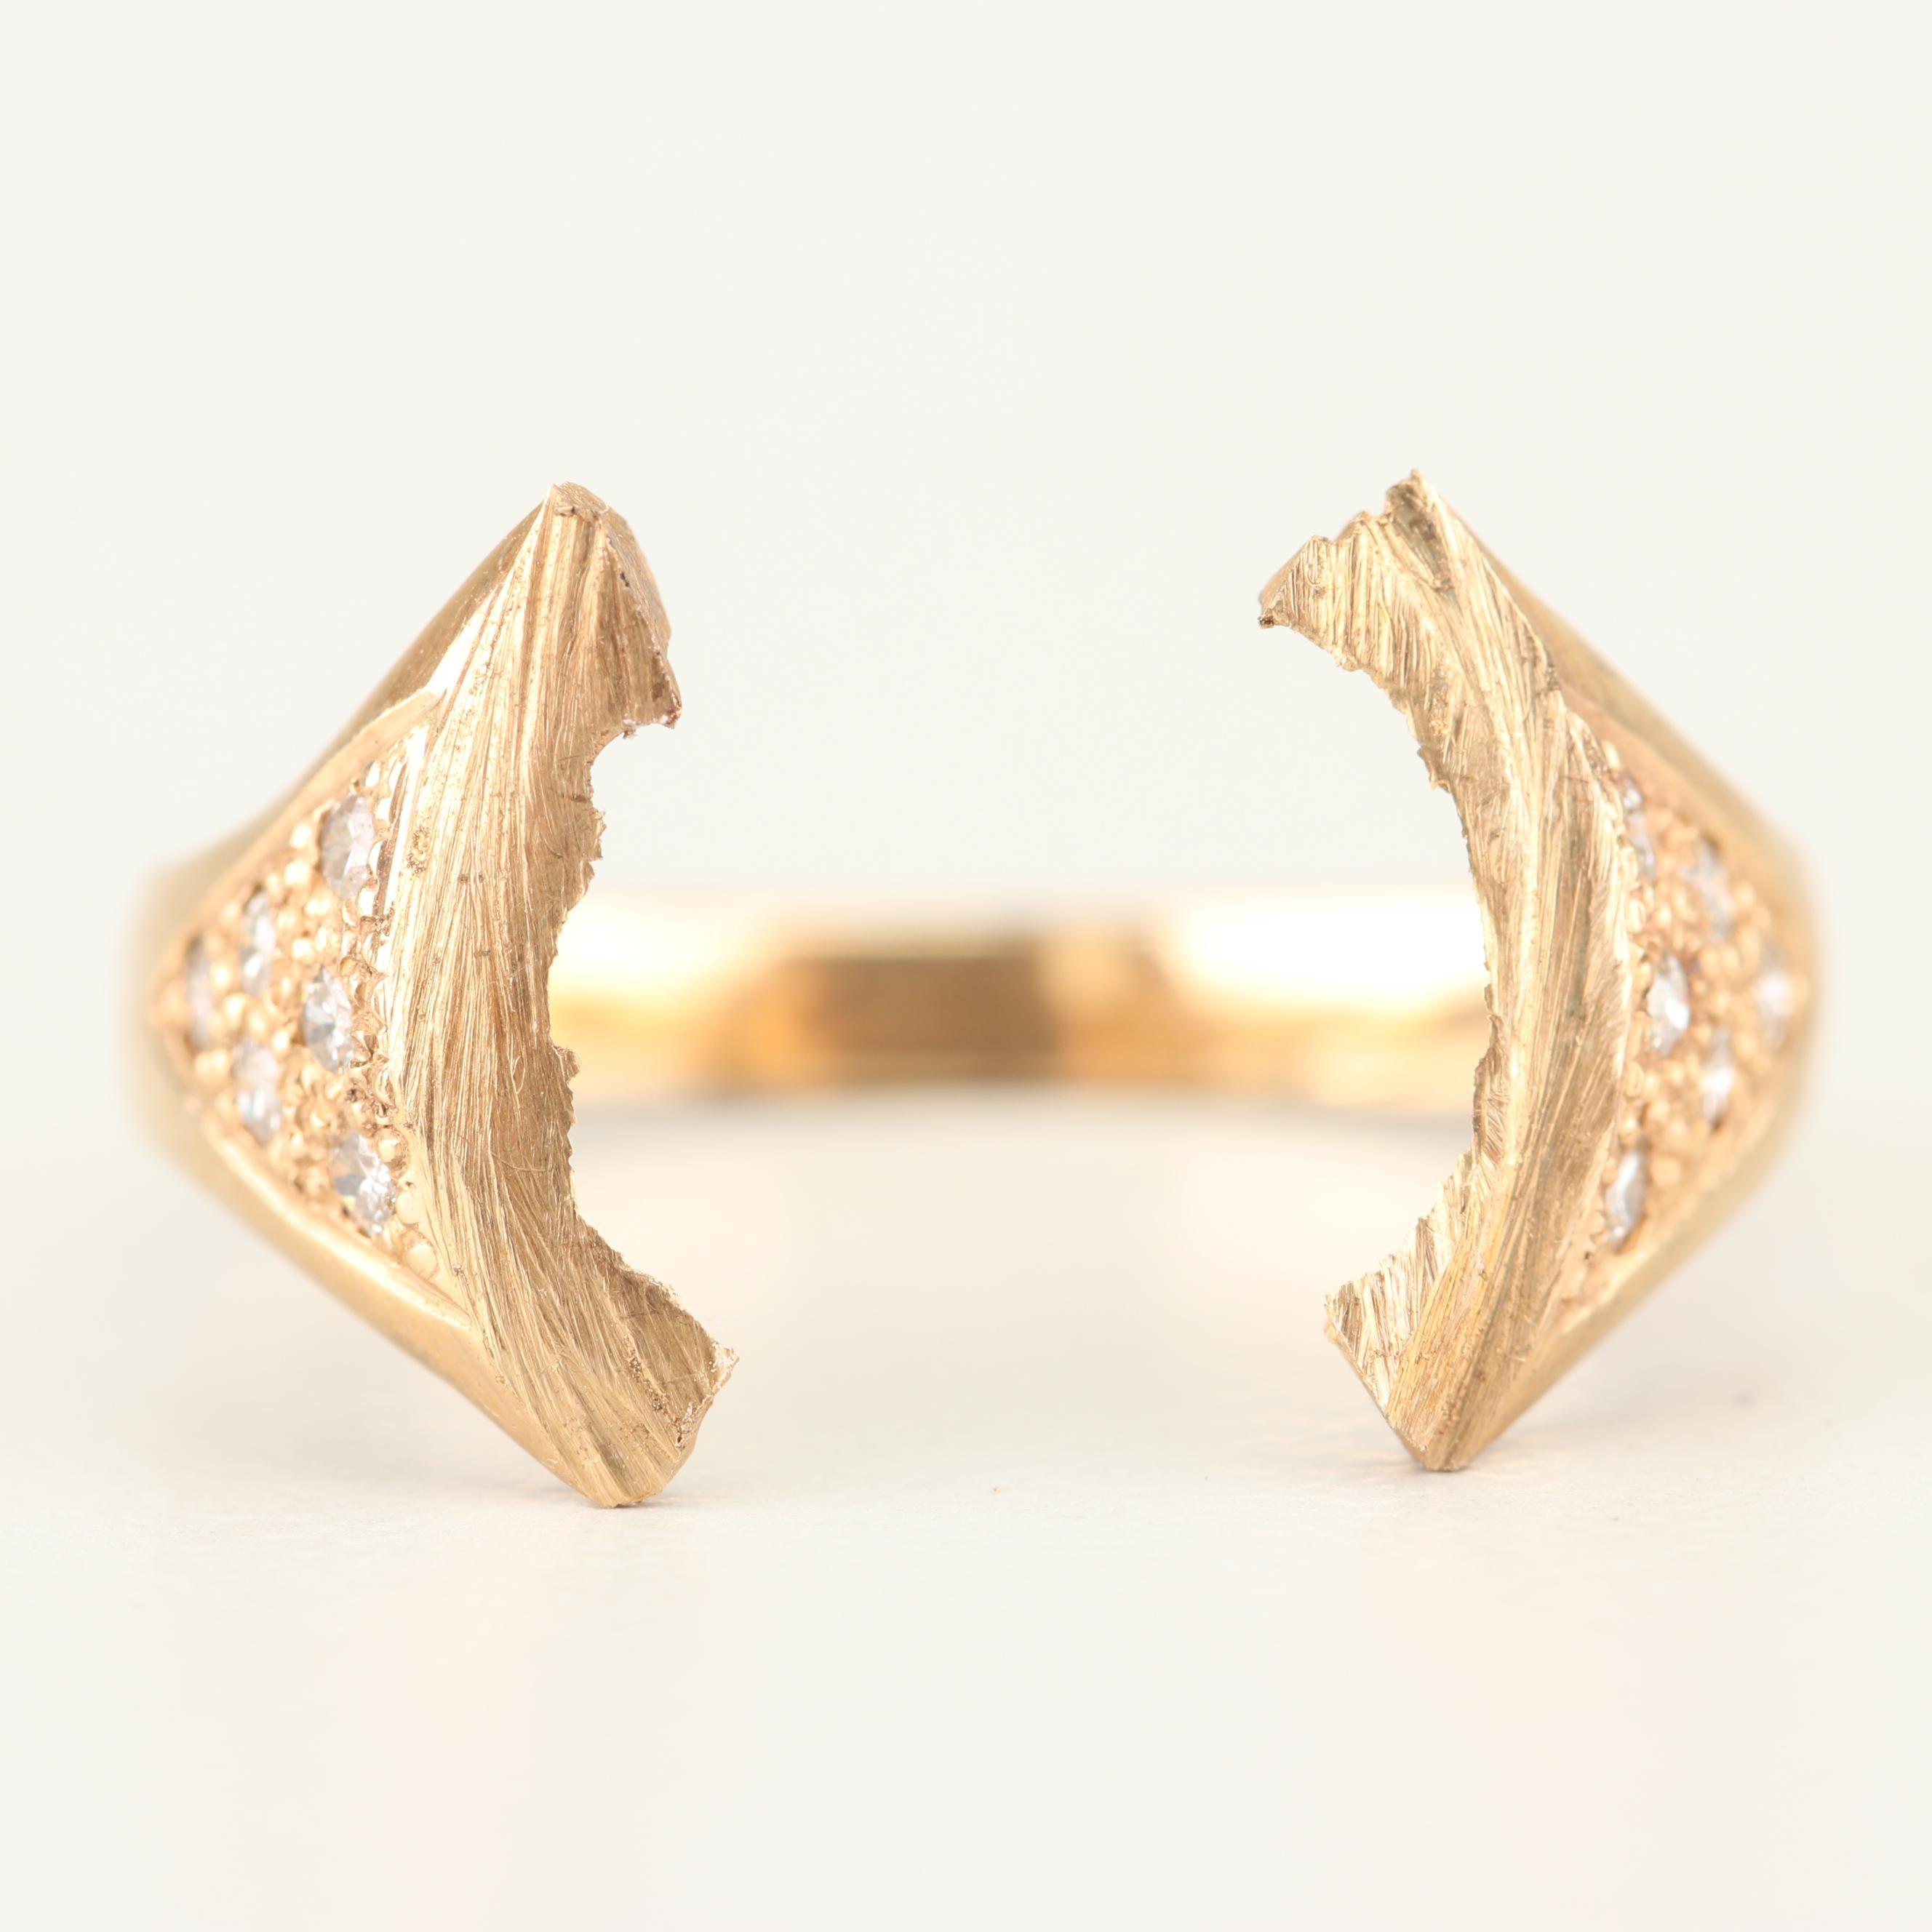 14K Yellow Gold and Diamond Semi-Mount